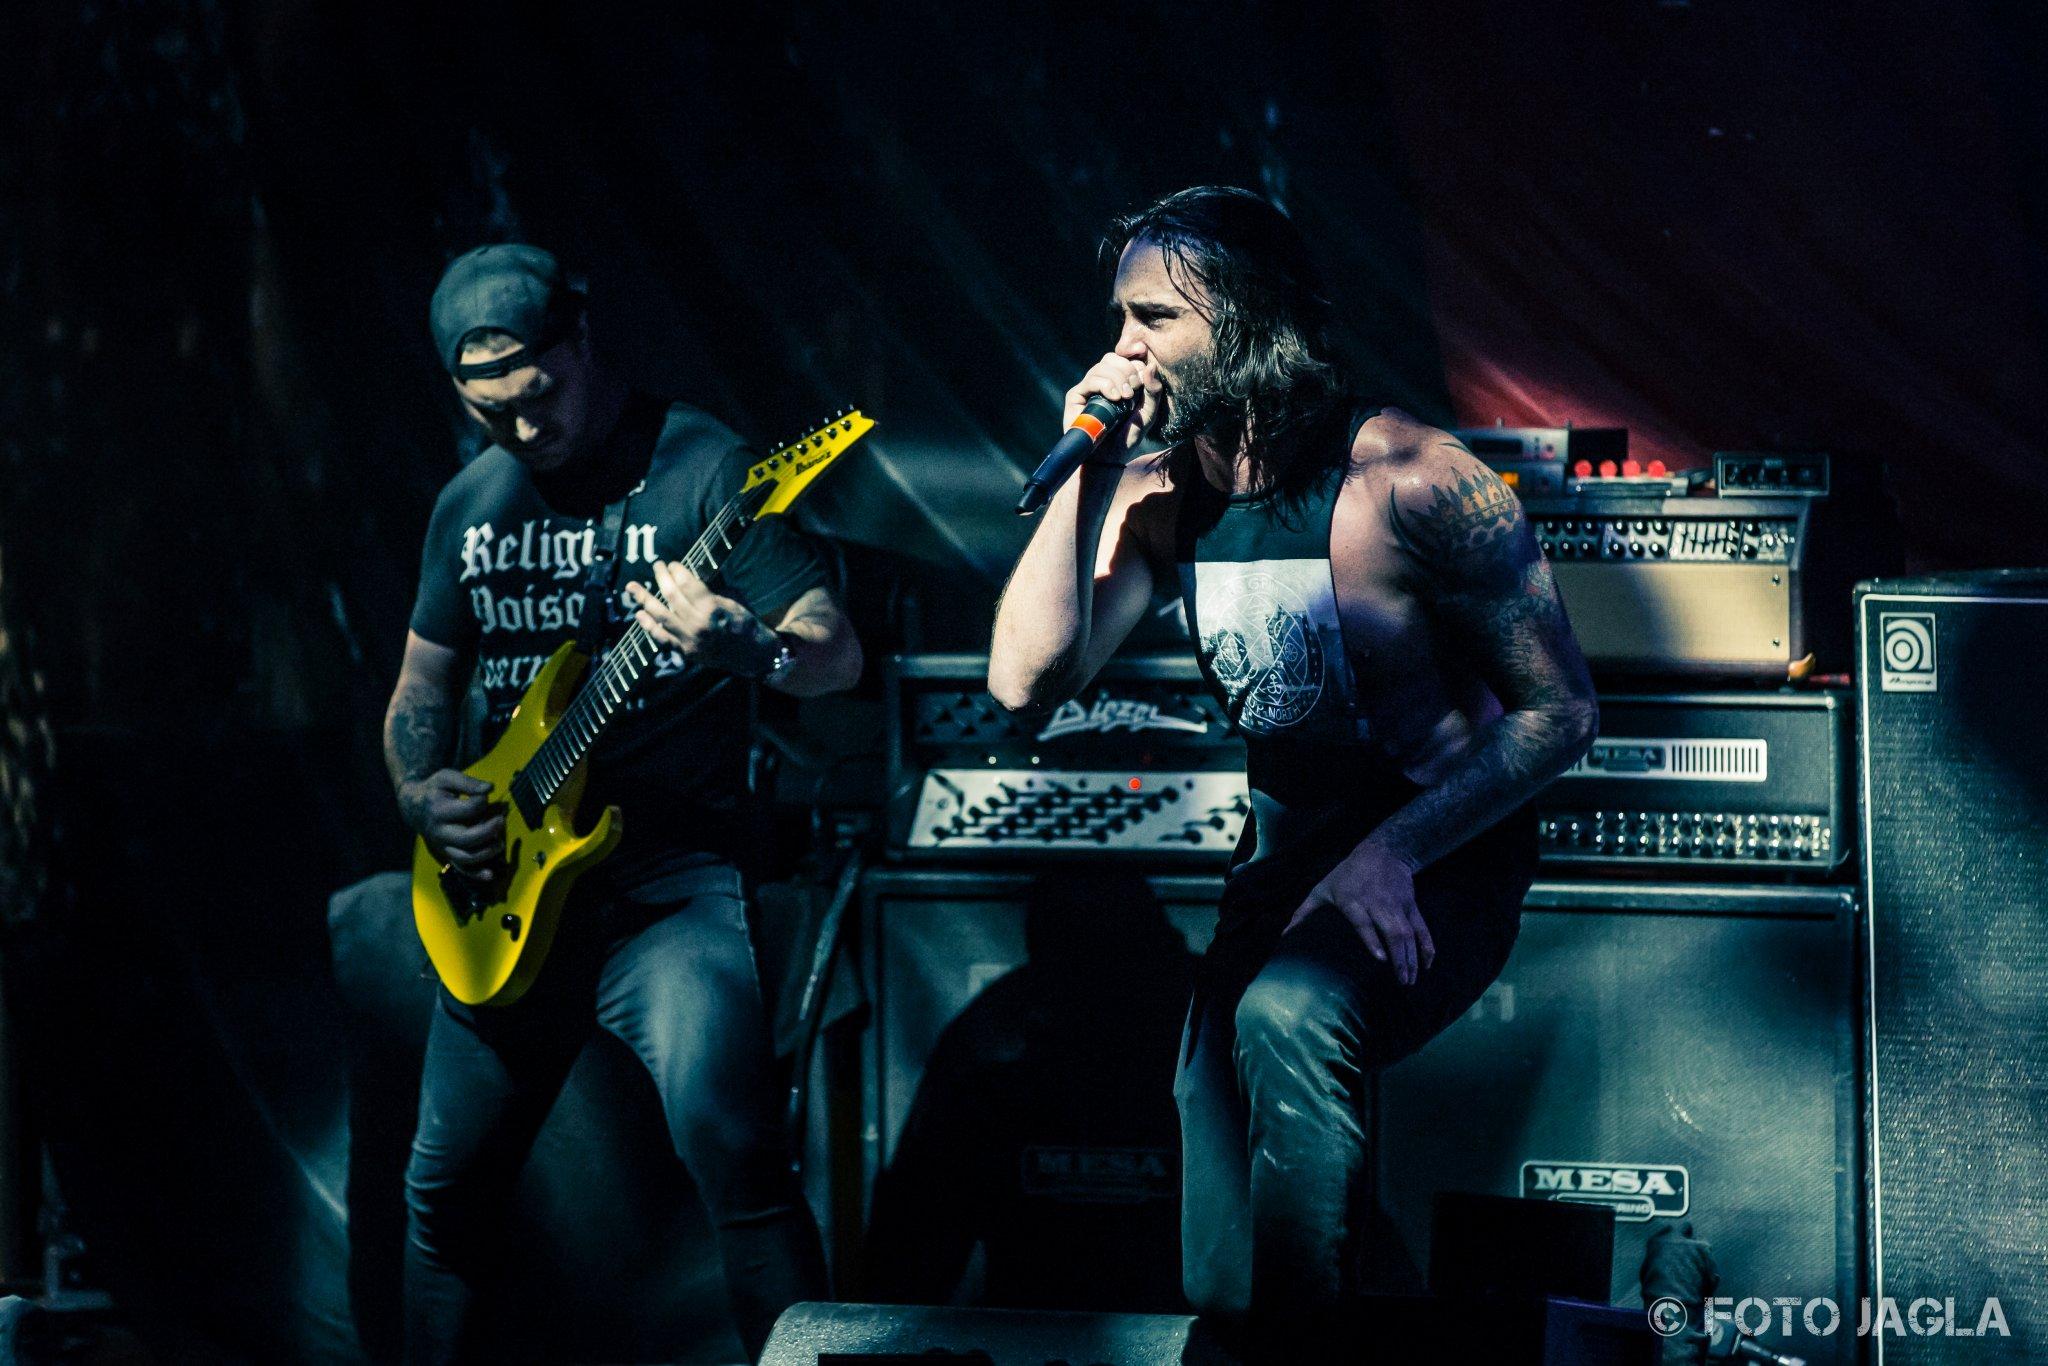 Thy Art Is Murder als Support Band auf der Parkway Drive Tour am 18.02.2016 in der Turbinenhalle Oberhausen